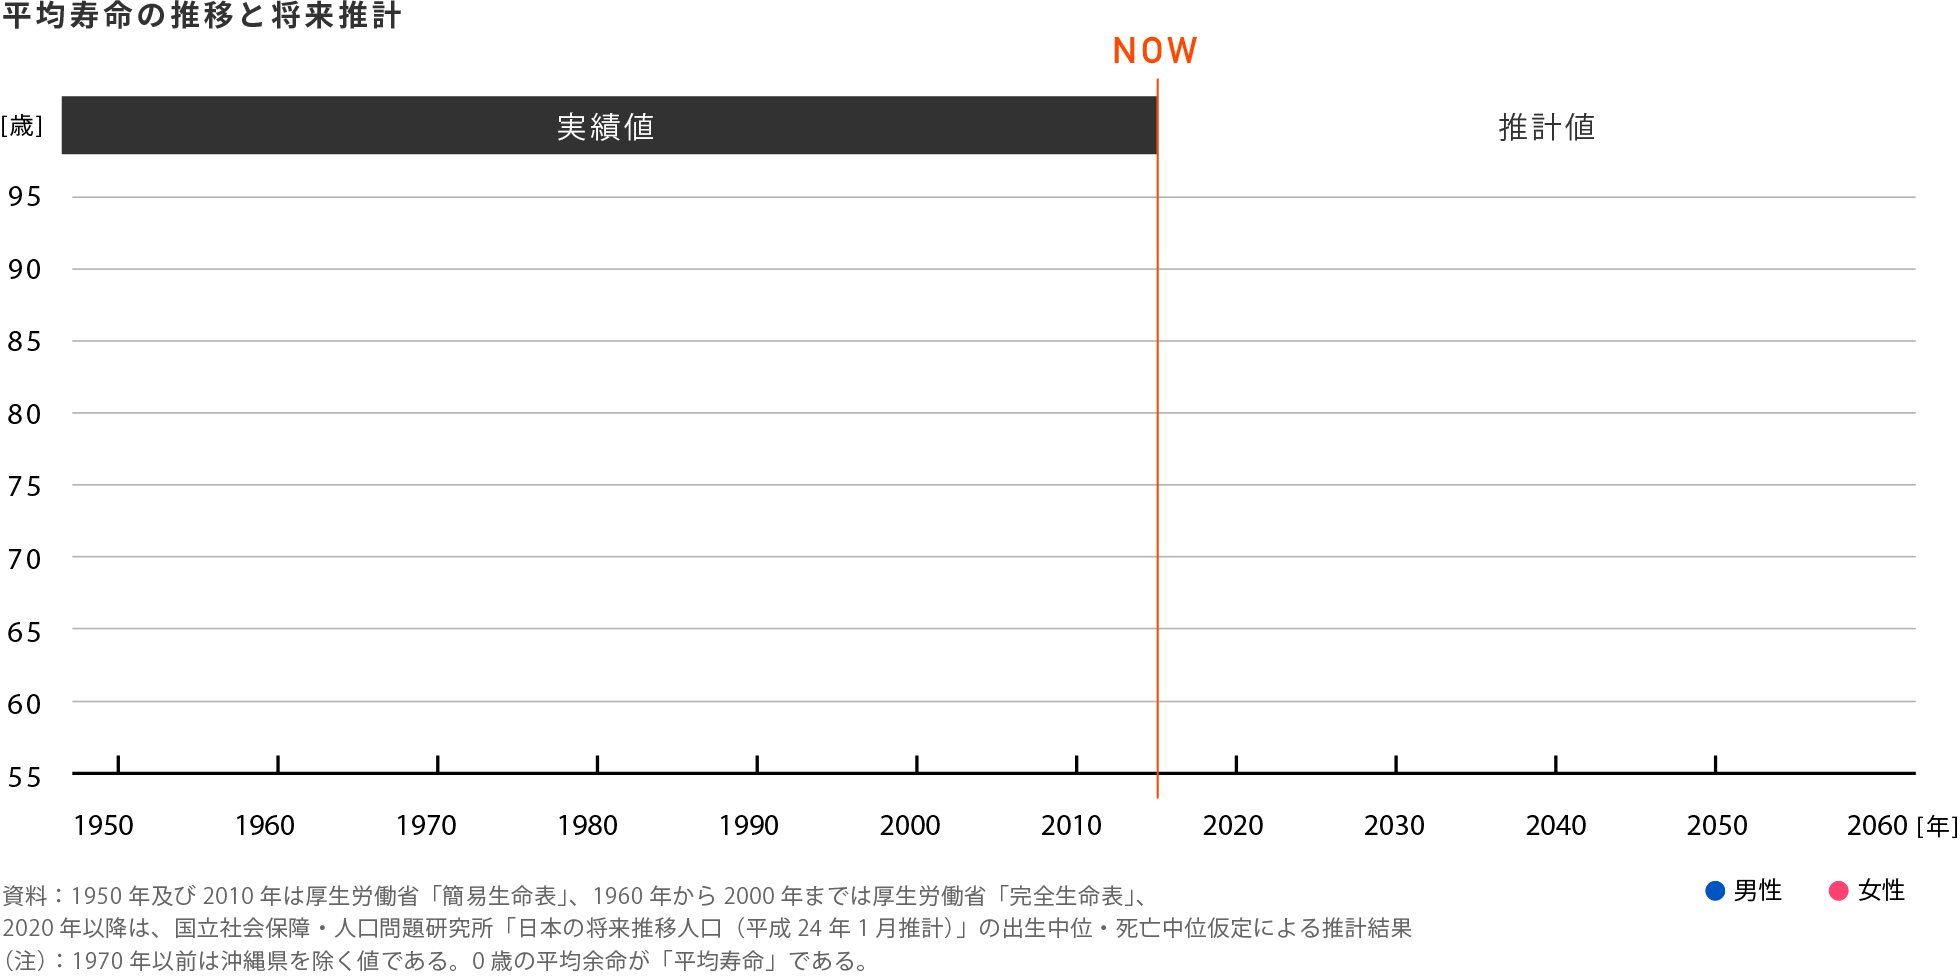 平均寿命の推移と将来推計のグラフ:1950年は約60歳、1980年は約75歳、2000年は約80歳、2020年は約84歳、2060年は約87歳